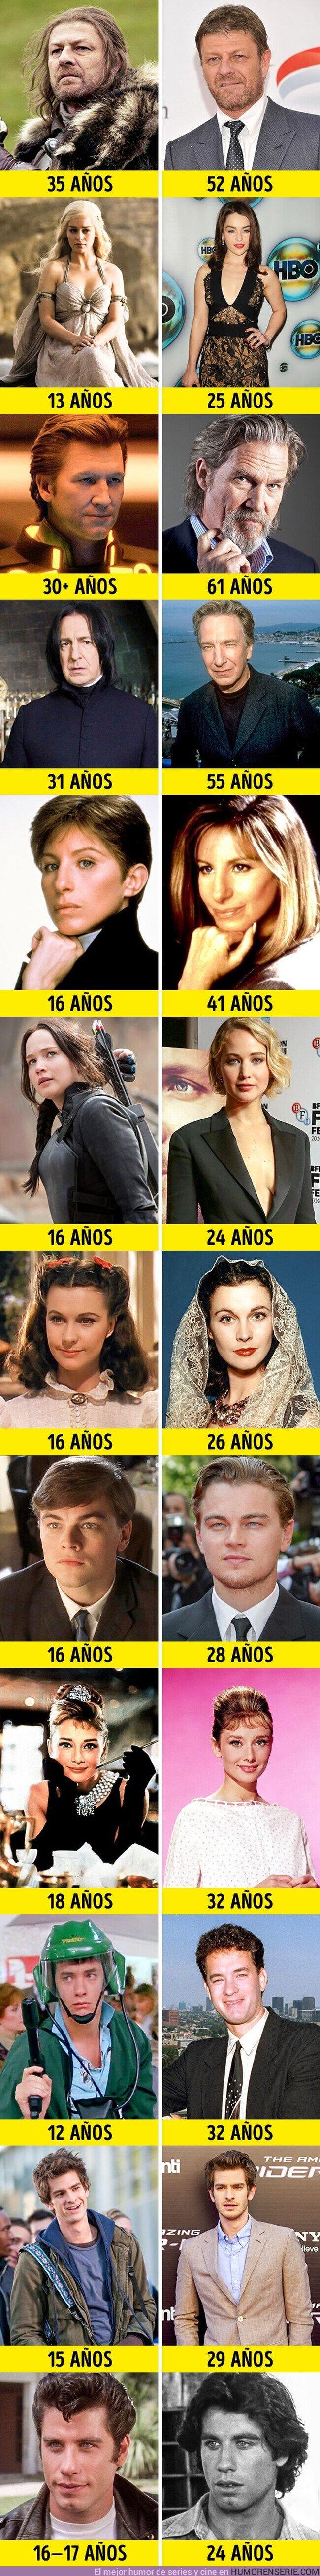 55376 - GALERÍA: 11 Actores que se transformaron en personajes mucho más jóvenes que ellos